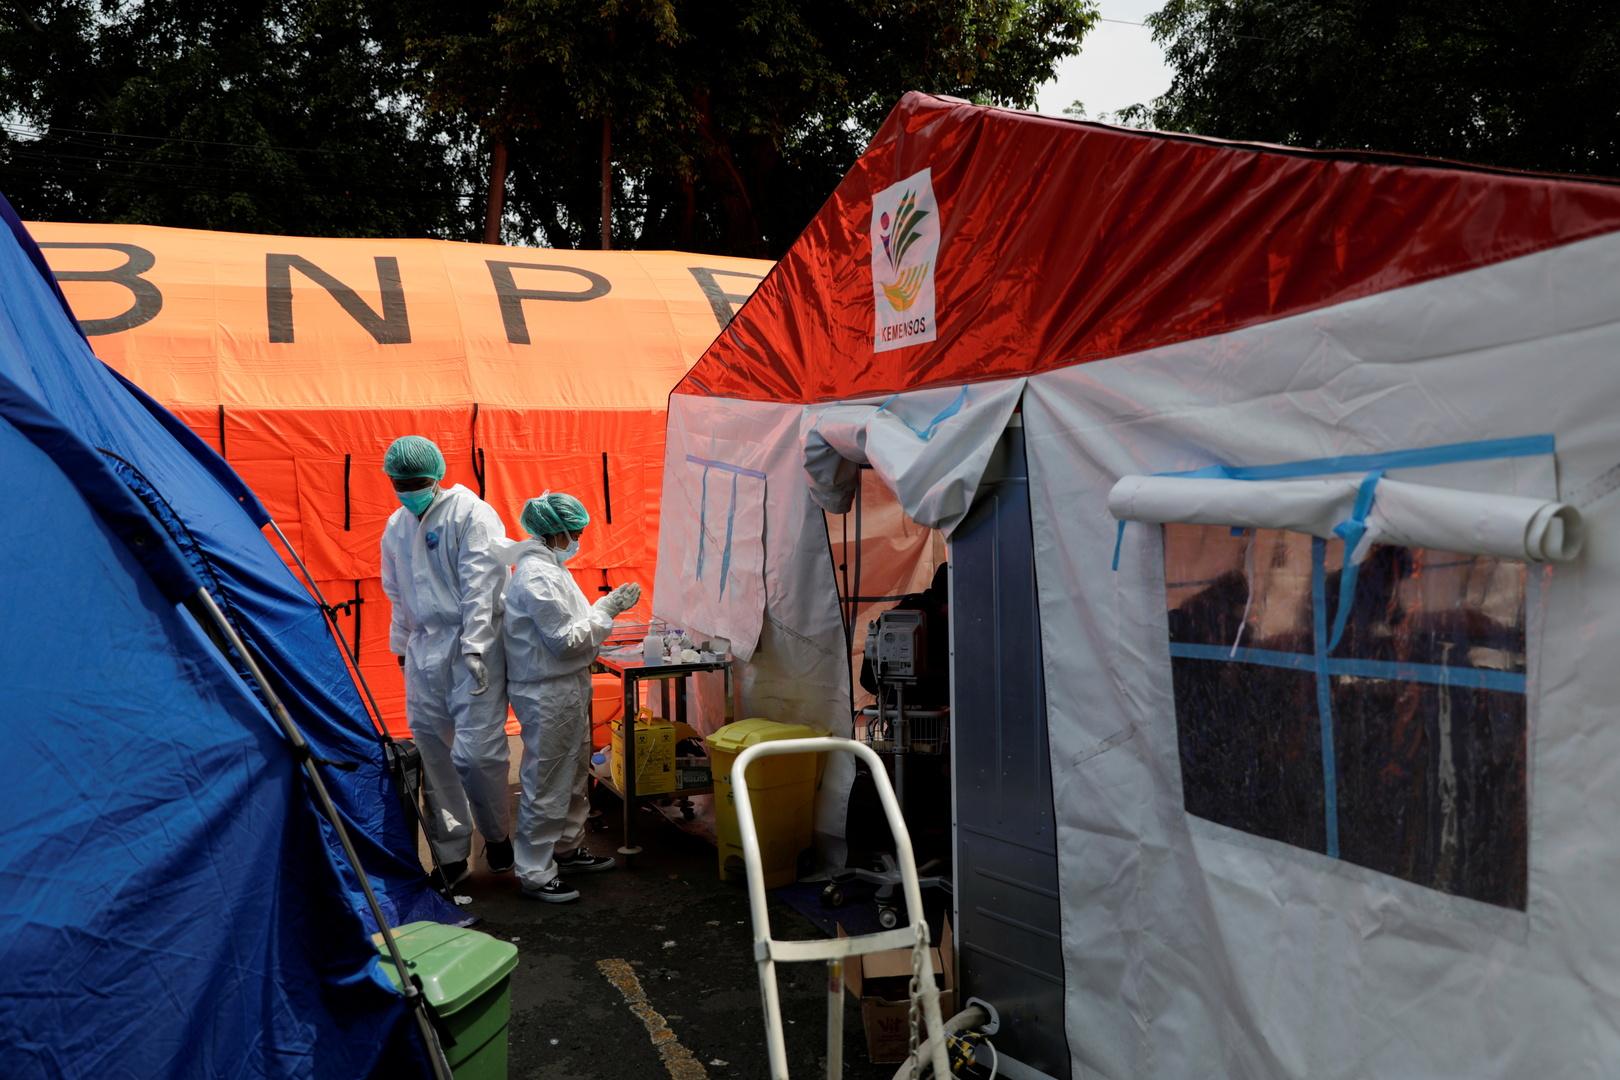 إندونيسيا تدرس تخفيف قيود مكافحة كورونا ومنظمة الصحة العالمية تحث على تشديدها